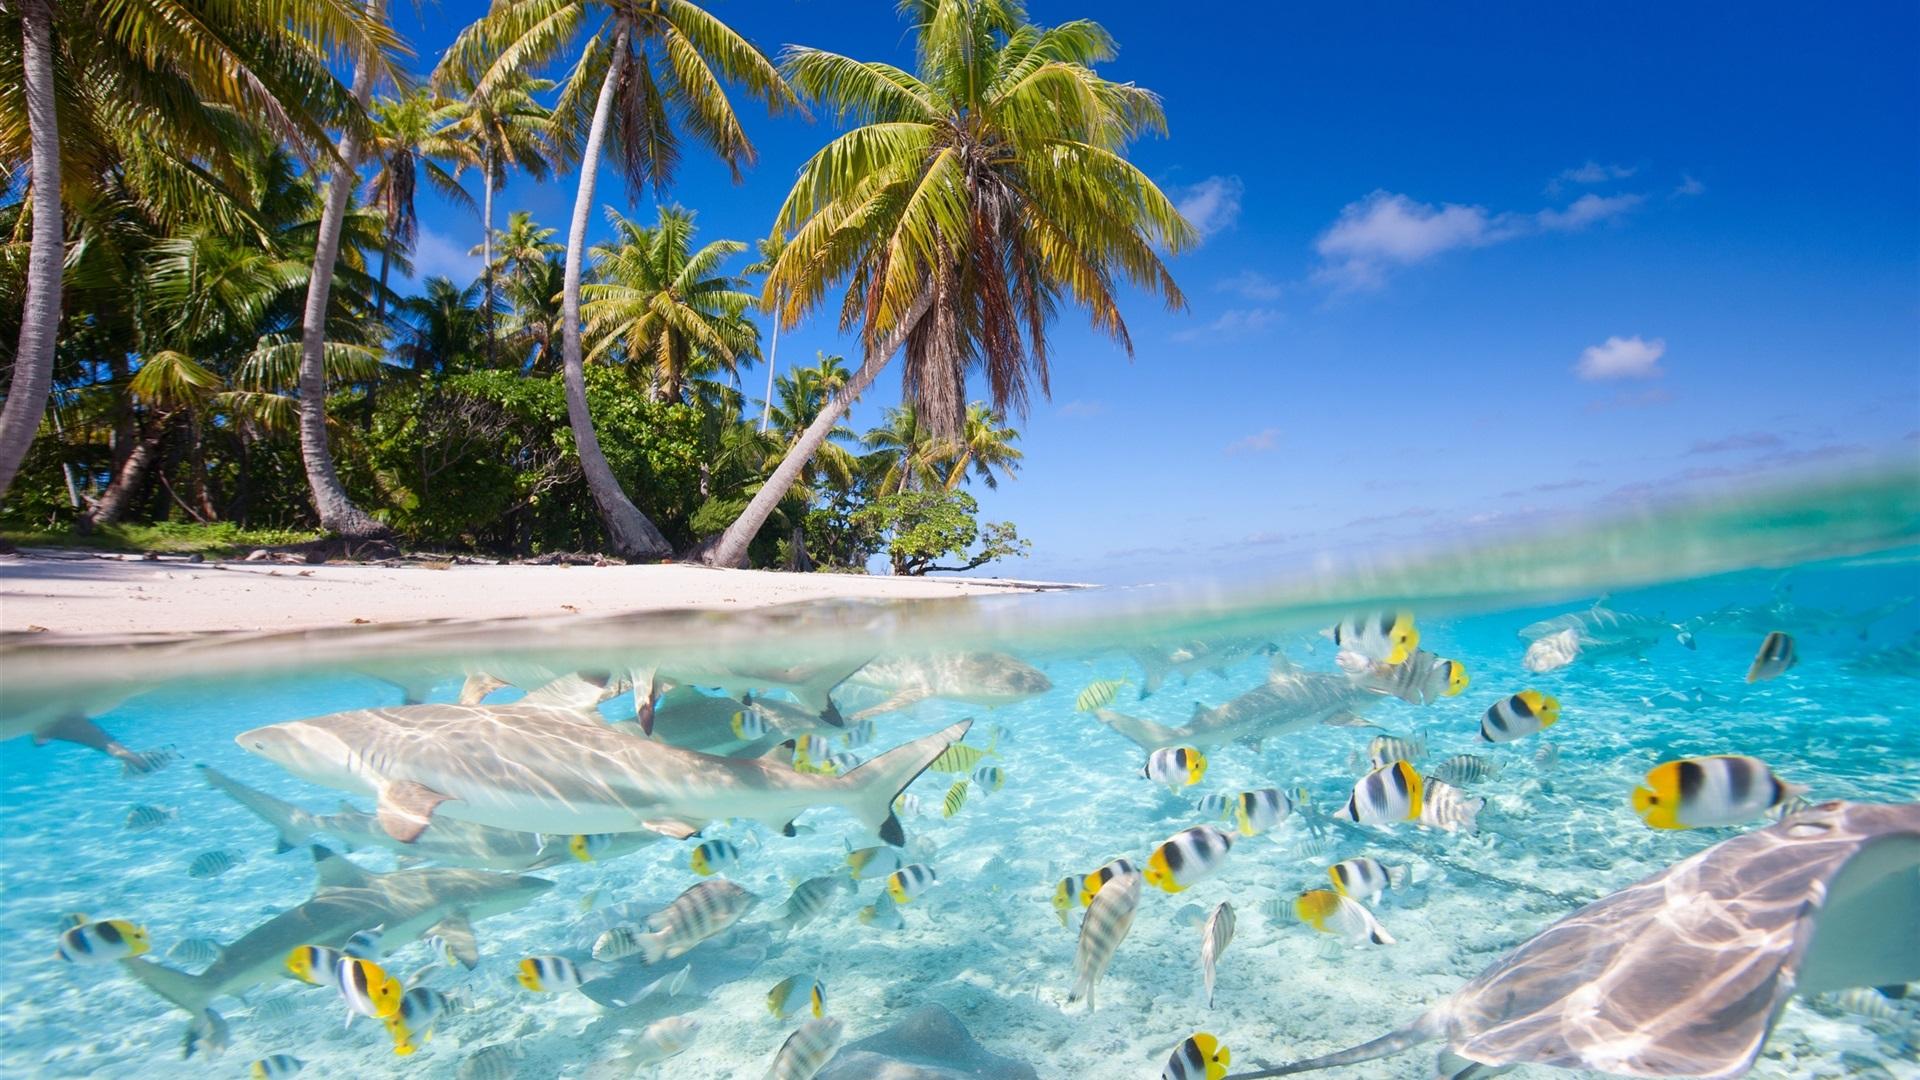 hintergrundbilder beschreibung tropische landschaft - photo #8